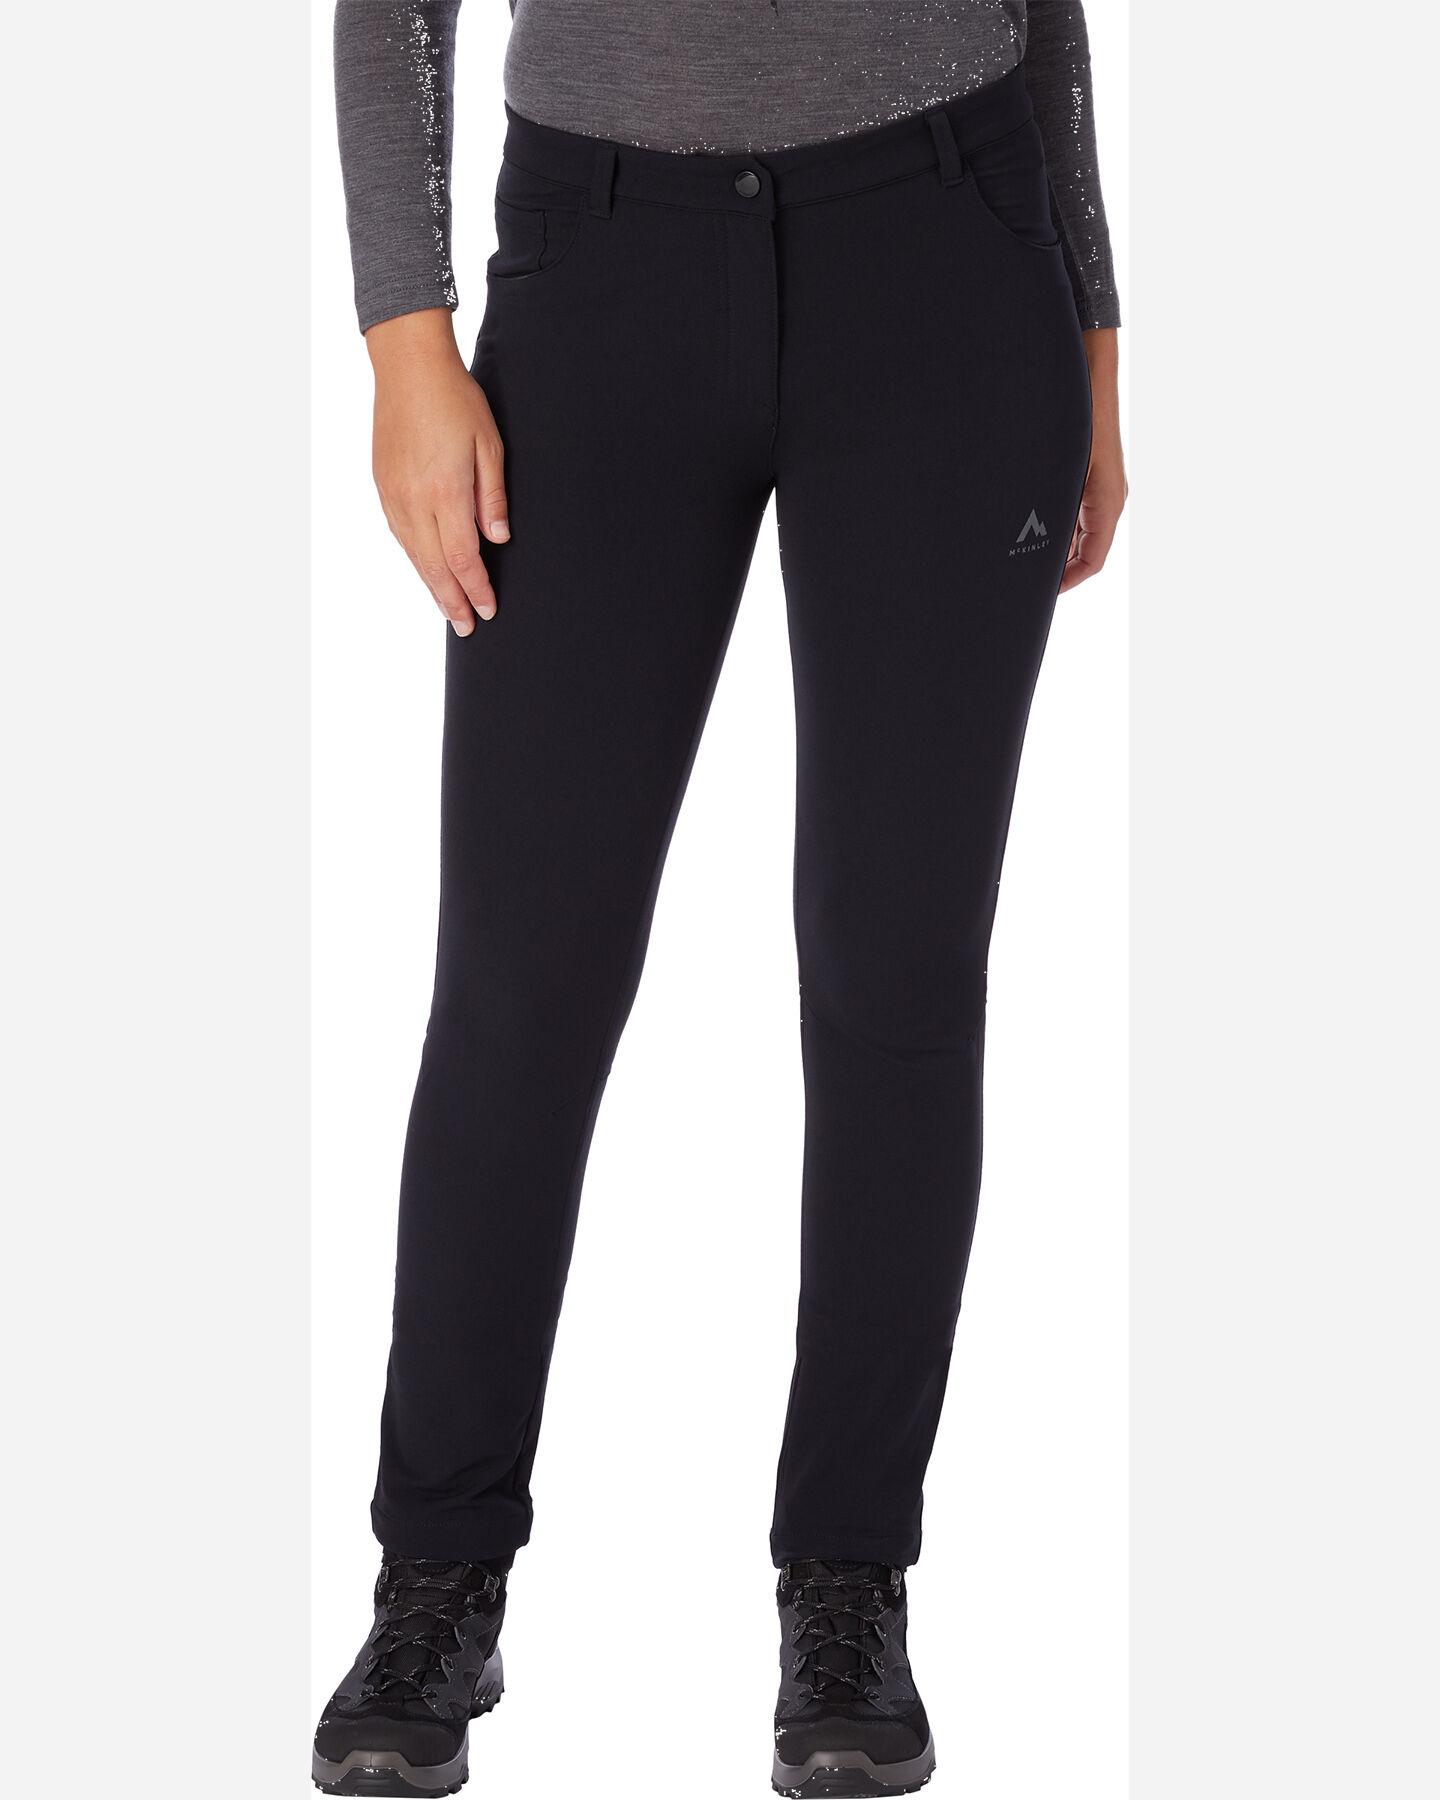 Pantalone outdoor MCKINLEY JUNO W S5207633 scatto 1